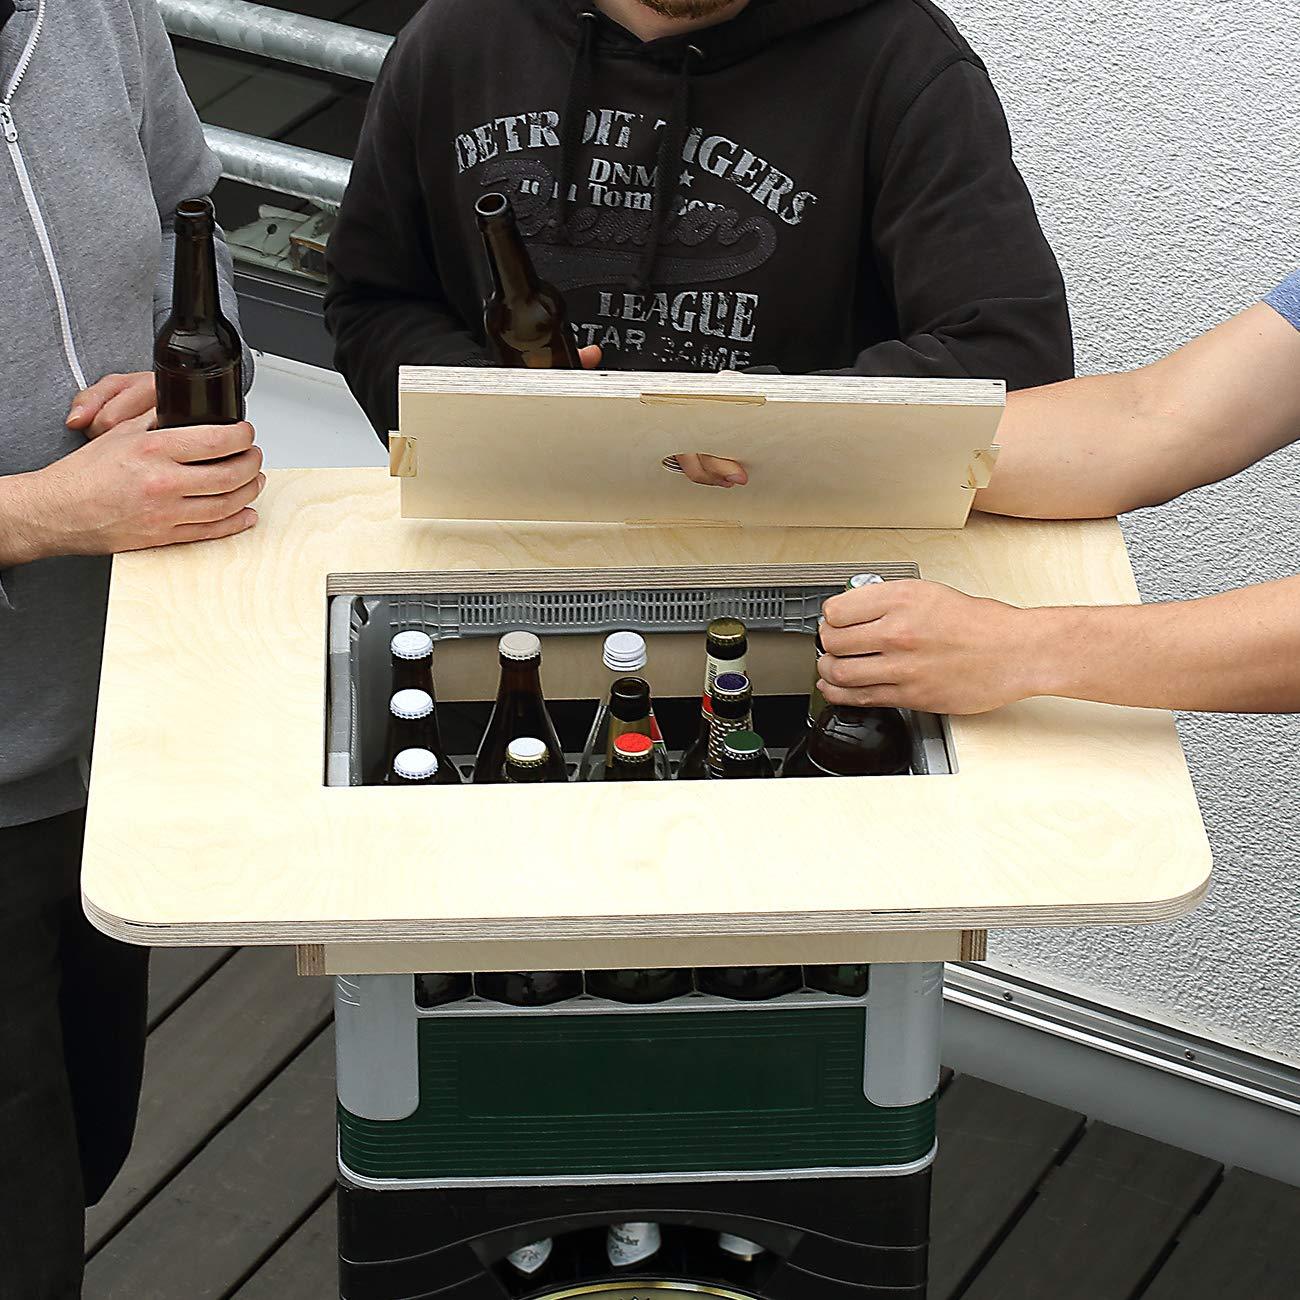 aus Holz Herz /& Heim/® Bierkasten Stehtisch Bierkastenaufsatz mit Namensgravur Made in Germany Grandioses M/ännergeschenk Platz an der Quelle